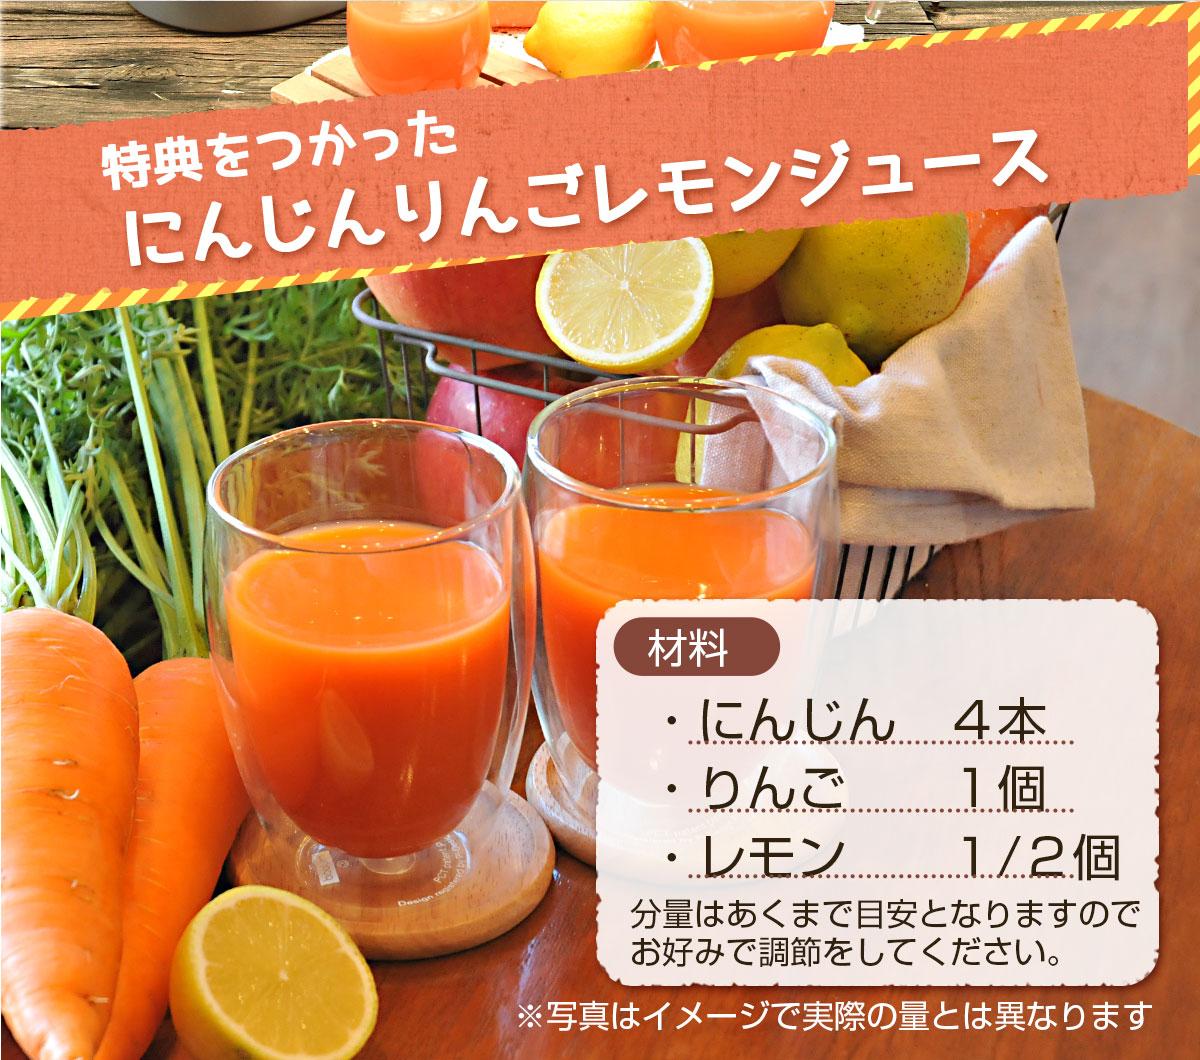 にんじんりんごレモンジュース